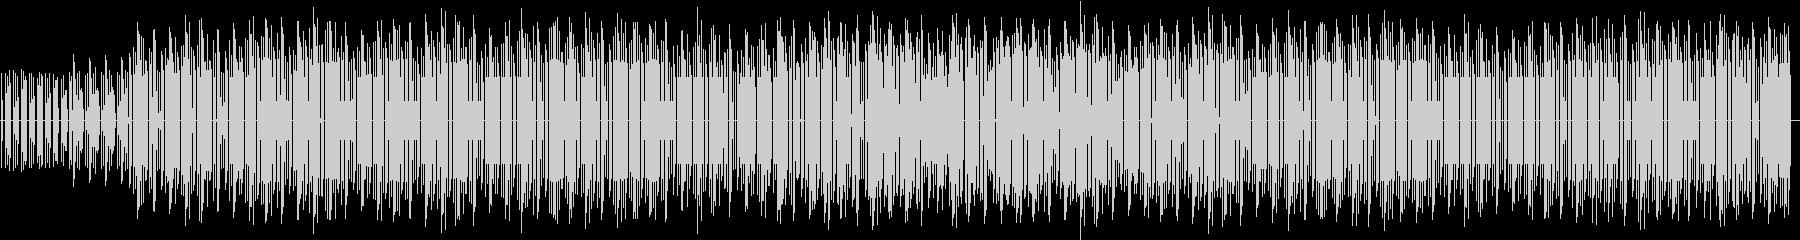 投稿動画の前置き解説BGMの未再生の波形